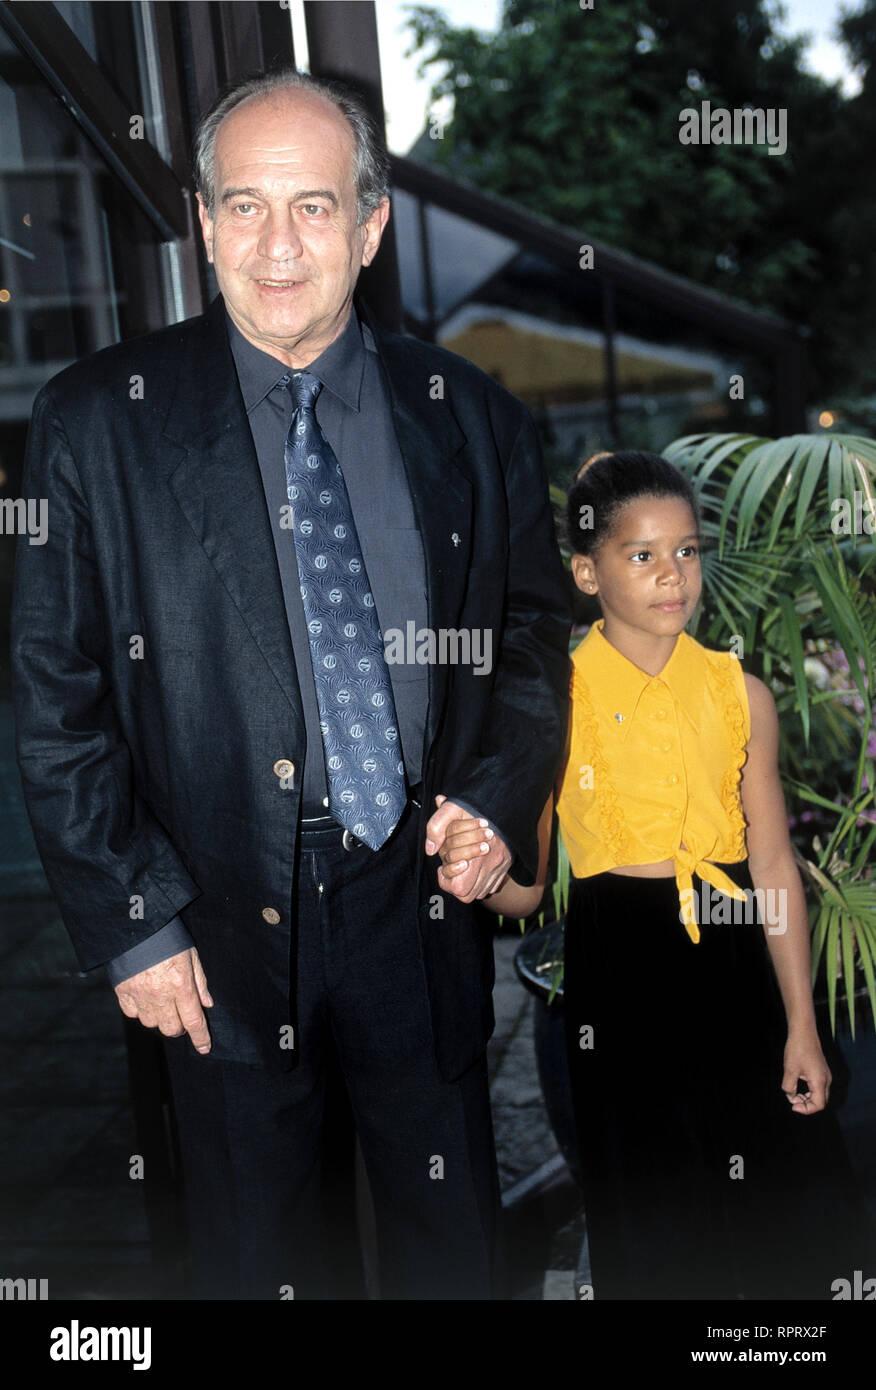 Mein Opa Und Die 13 Stühle Aut 1996 Helmut Lohner Otto Schenk